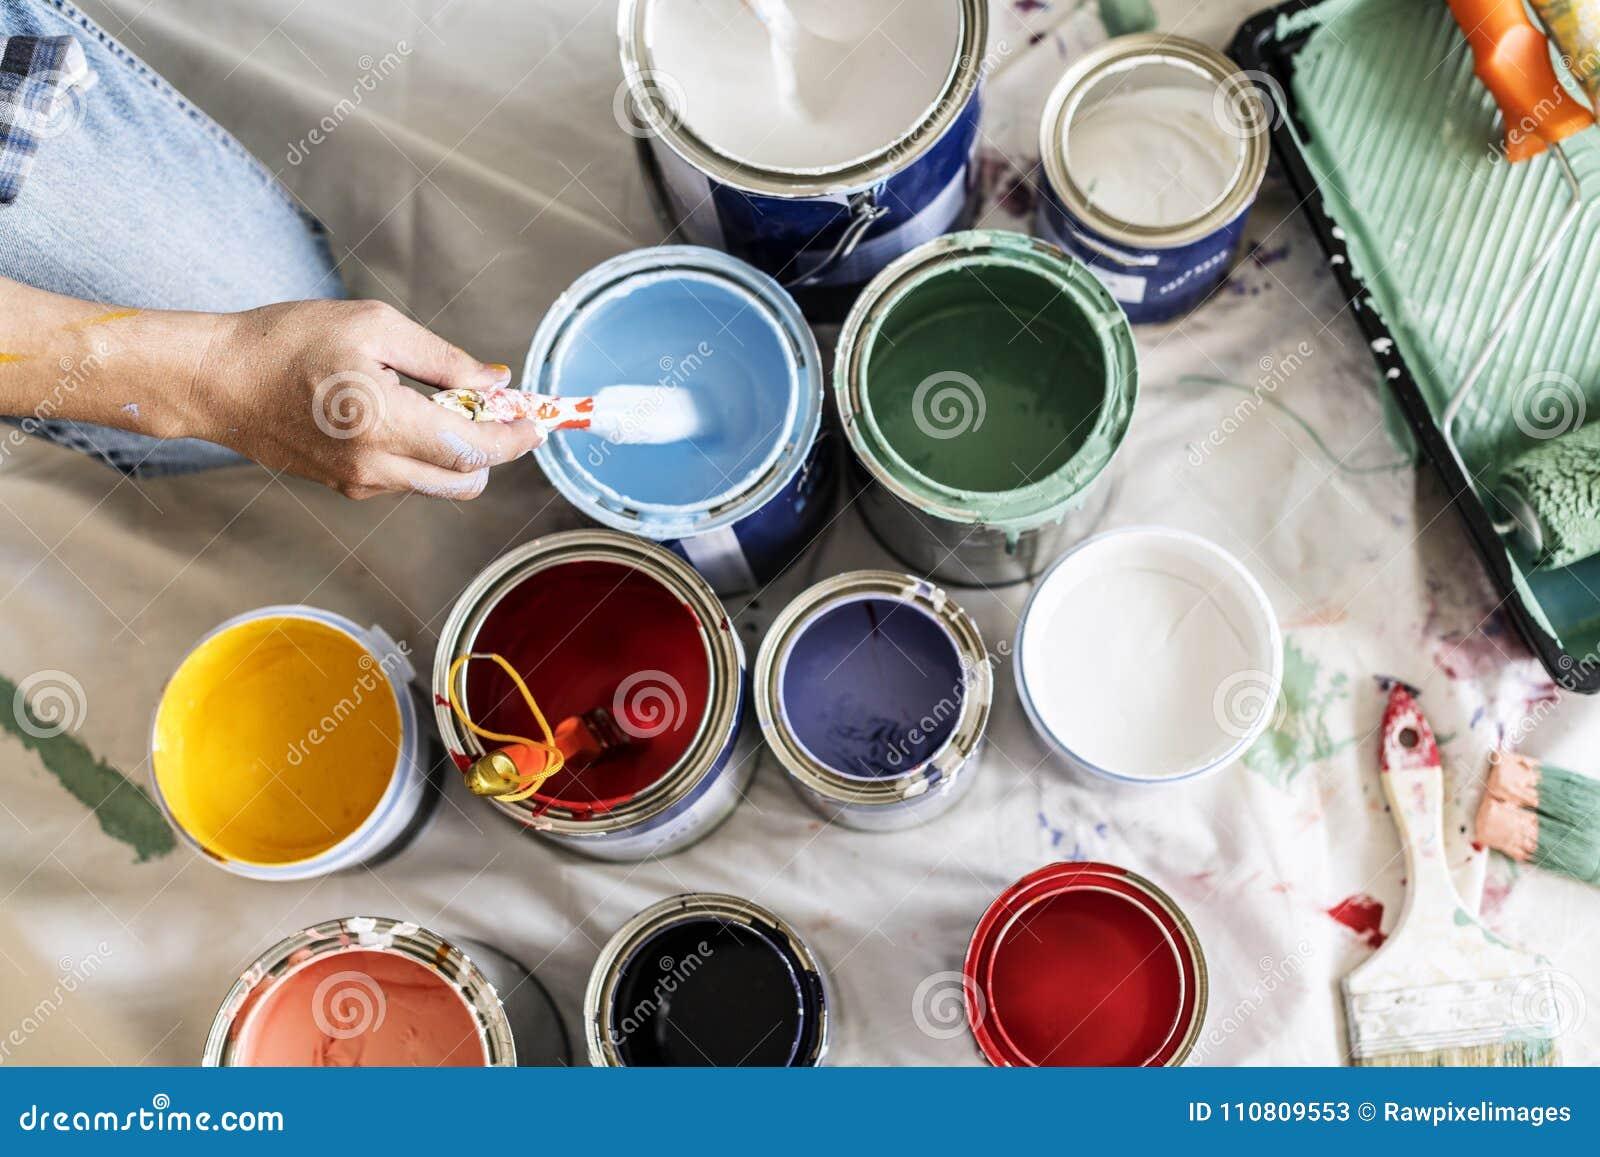 Άνθρωποι που ανακαινίζουν τα χρώματα χρωμάτων σπιτιών